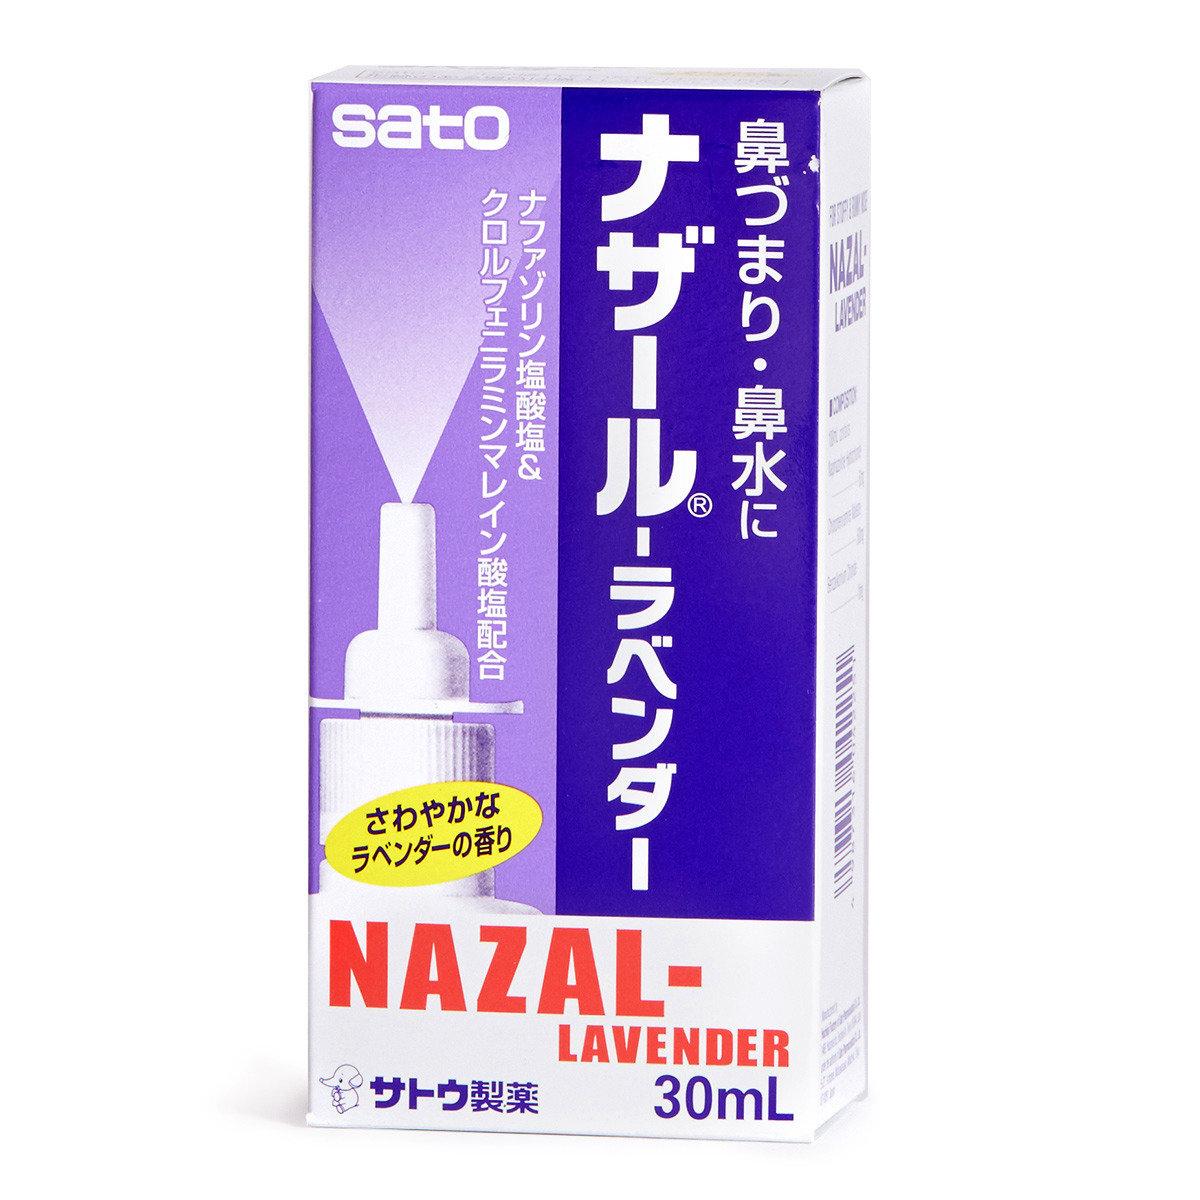 鼻寧定量噴劑-薰衣草